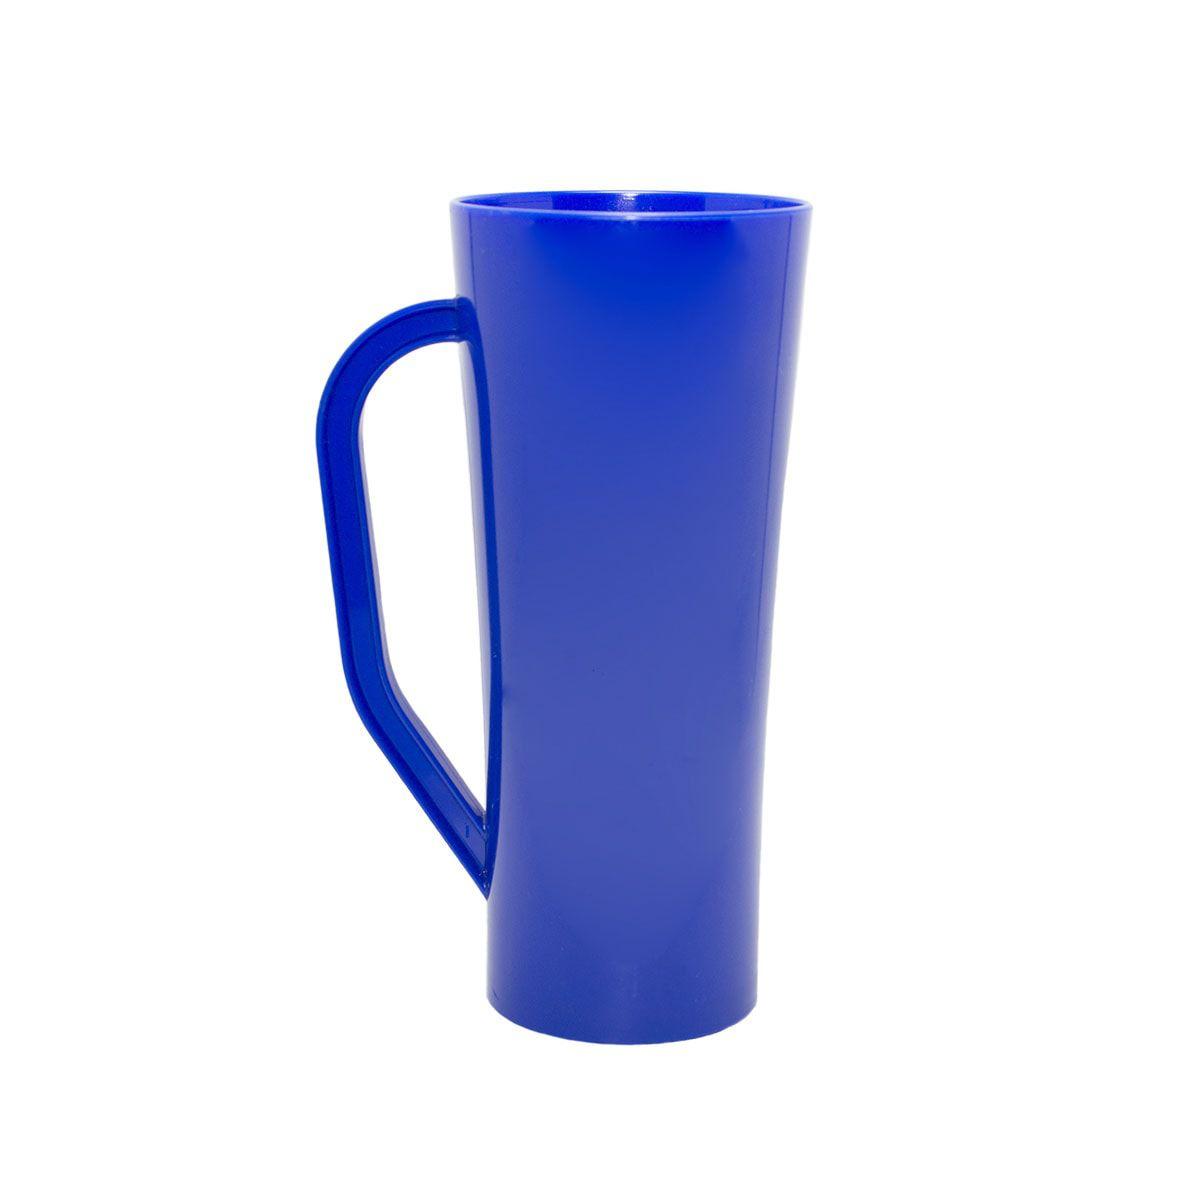 Caneca 400ml Twister Azul Leitoso